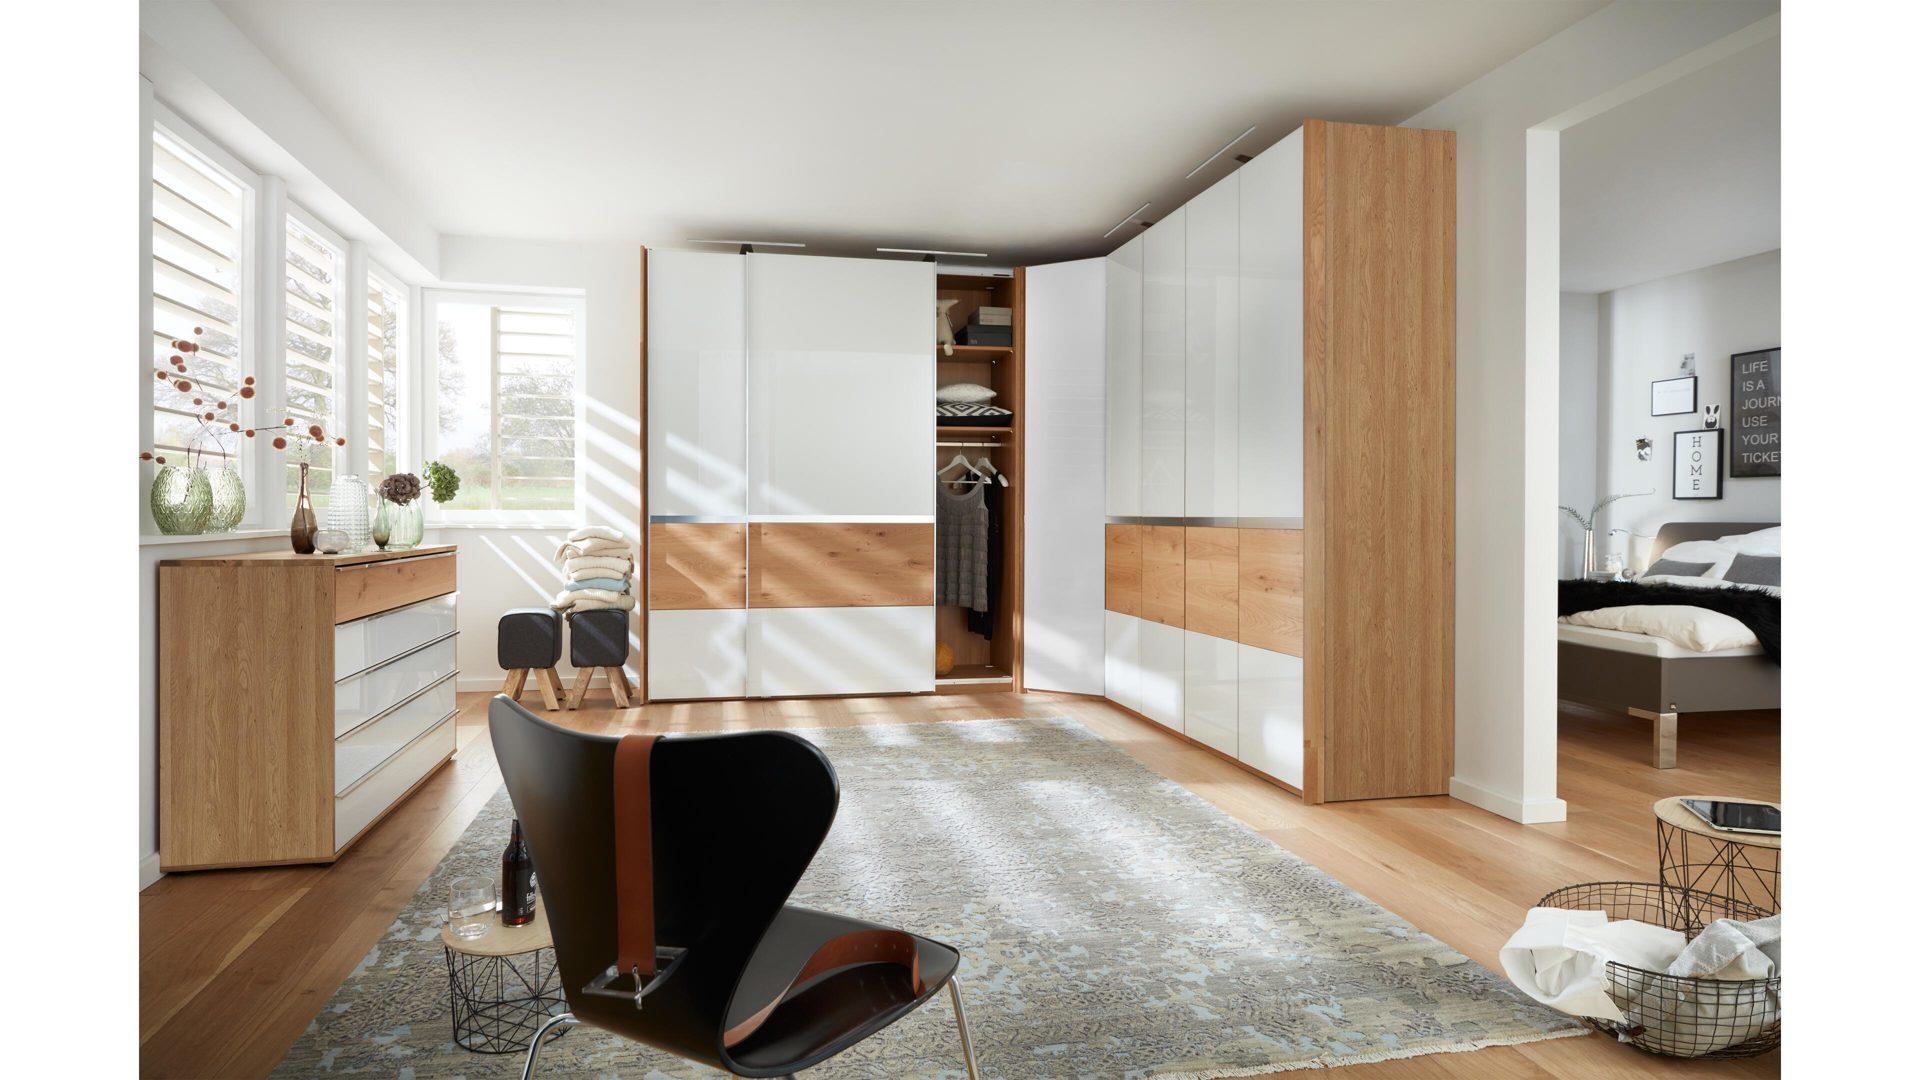 Interliving Schlafzimmer Serie 1202 – Eckschrankkombination